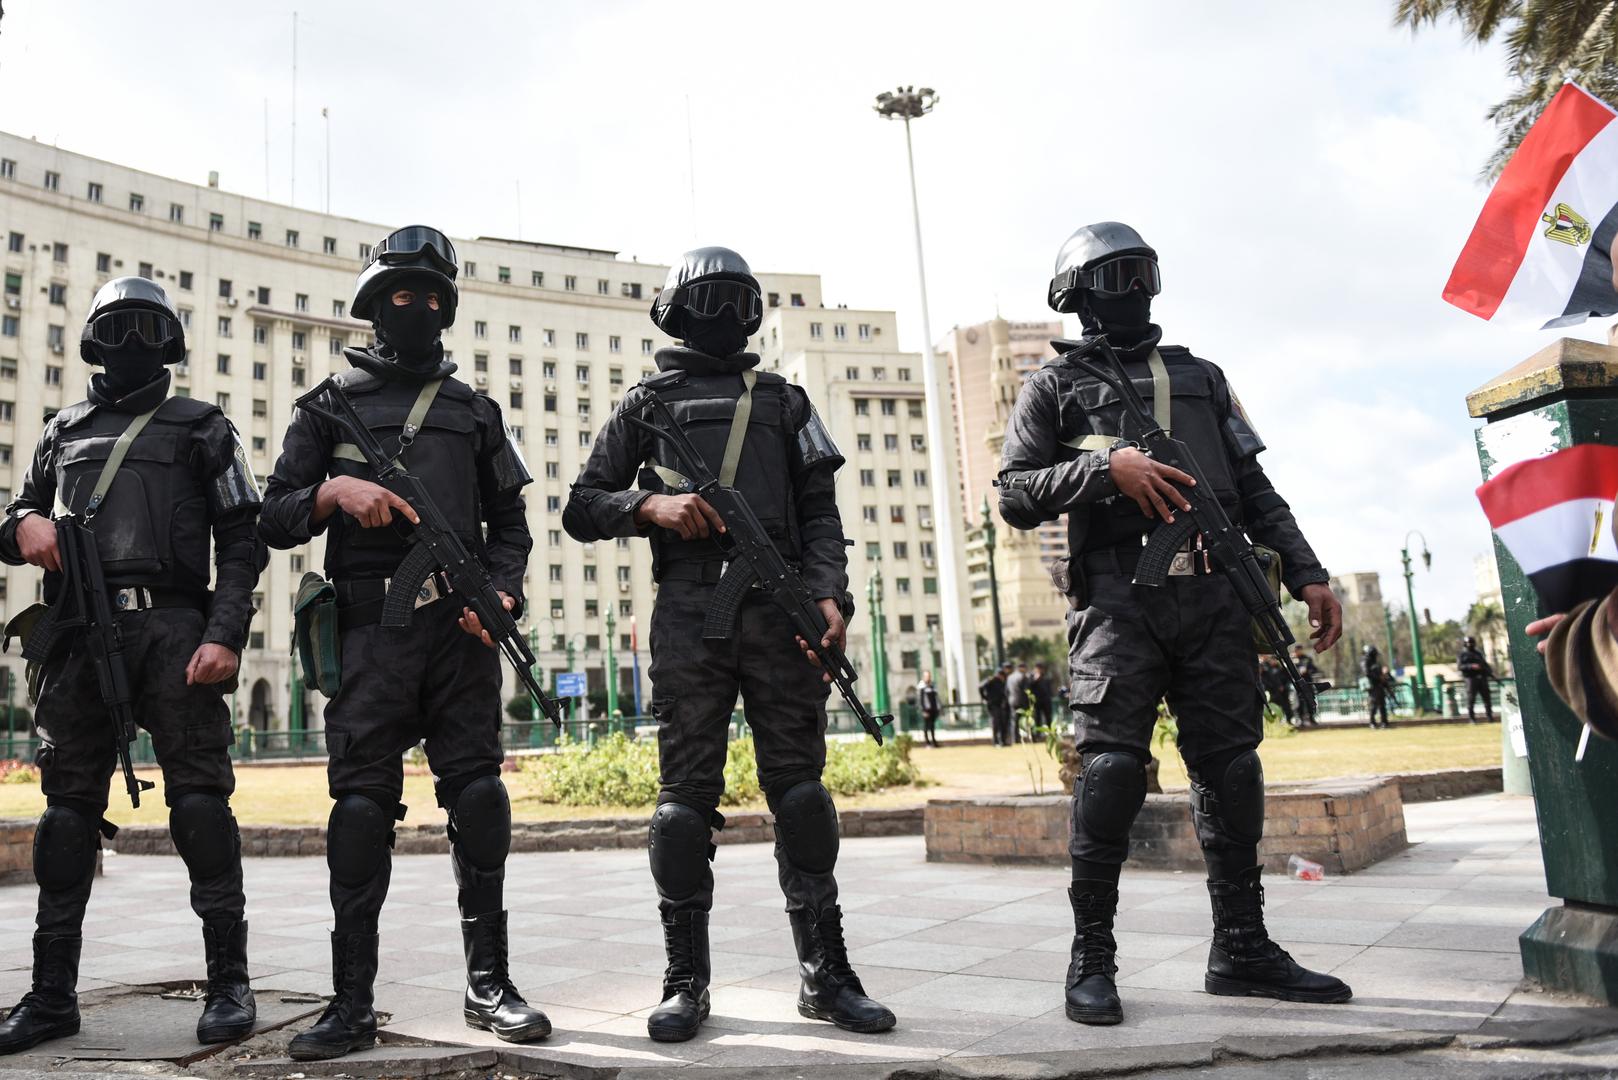 مصر تعلن ضبط 4 موظفين في  لجنة إعلامية تركية على صلة بالإخوان  -